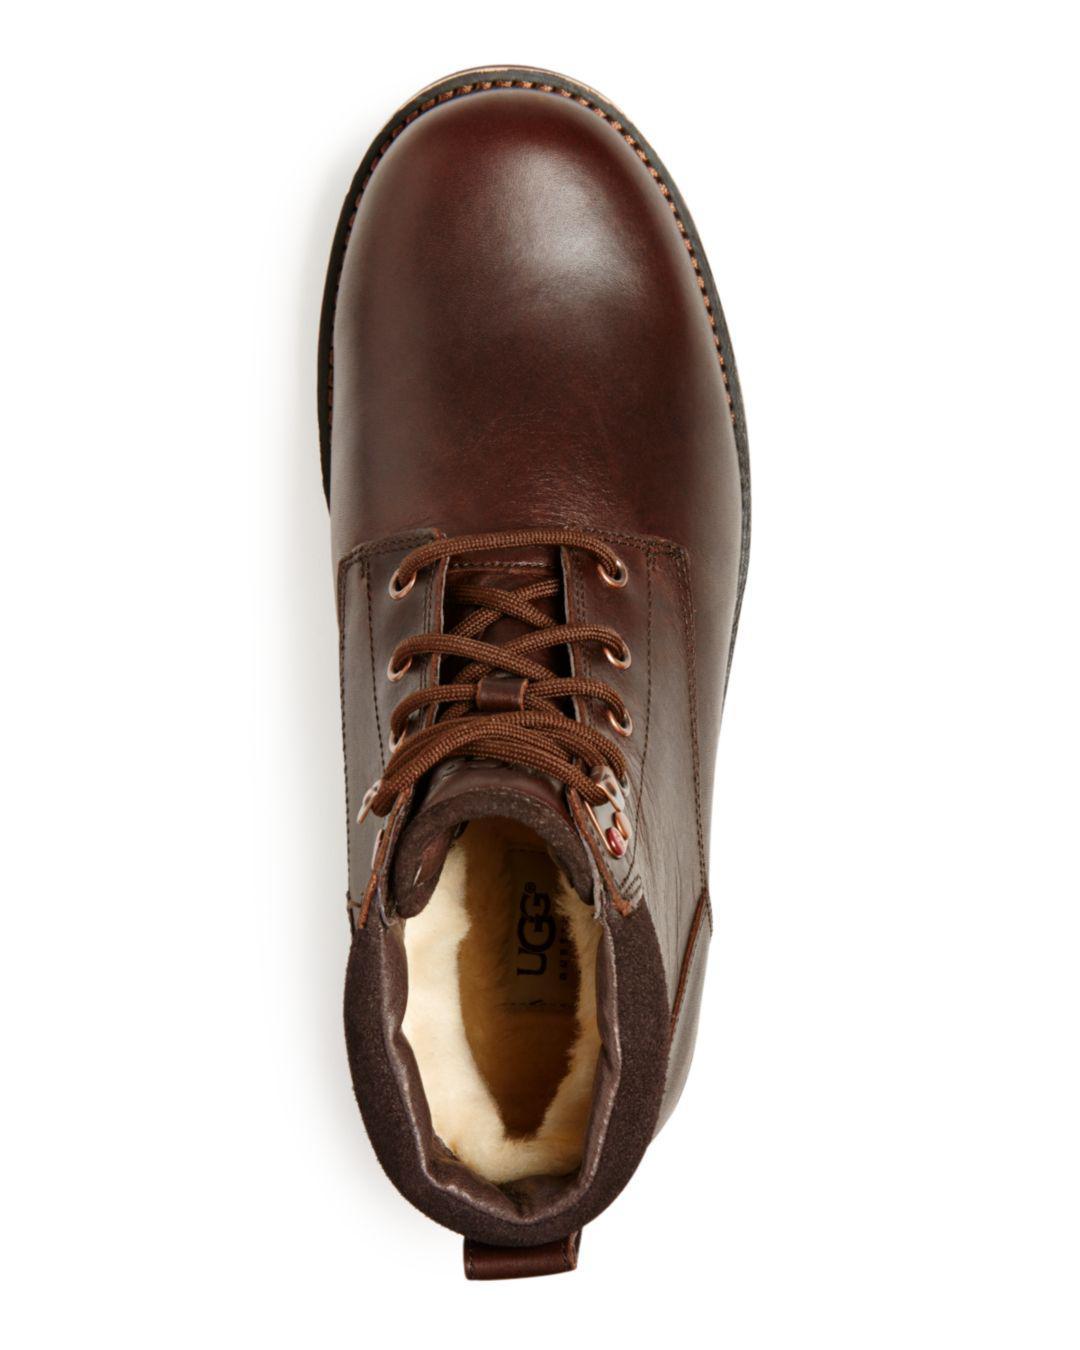 665f40b6674 Lyst - UGG Australia Men's Seton Tl Waterproof Boots in Brown for Men